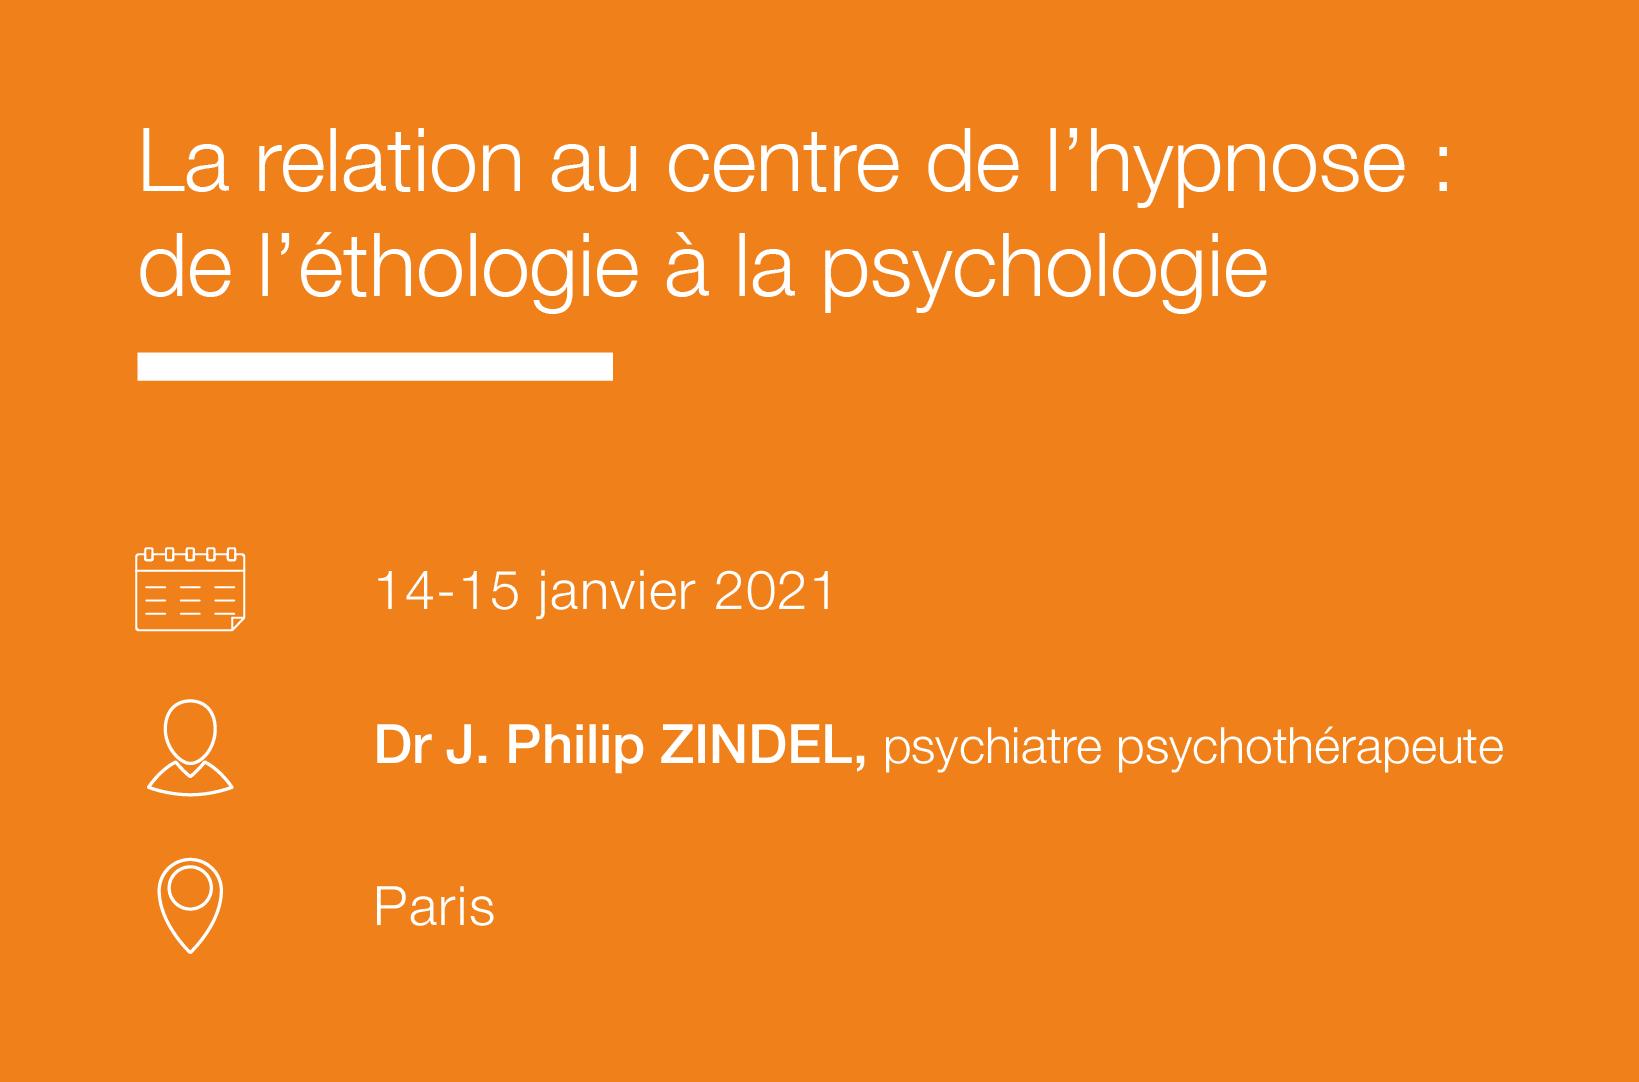 Seminaire La relation au centre de l hypnose De l'ethologie à la psychologie-IFH